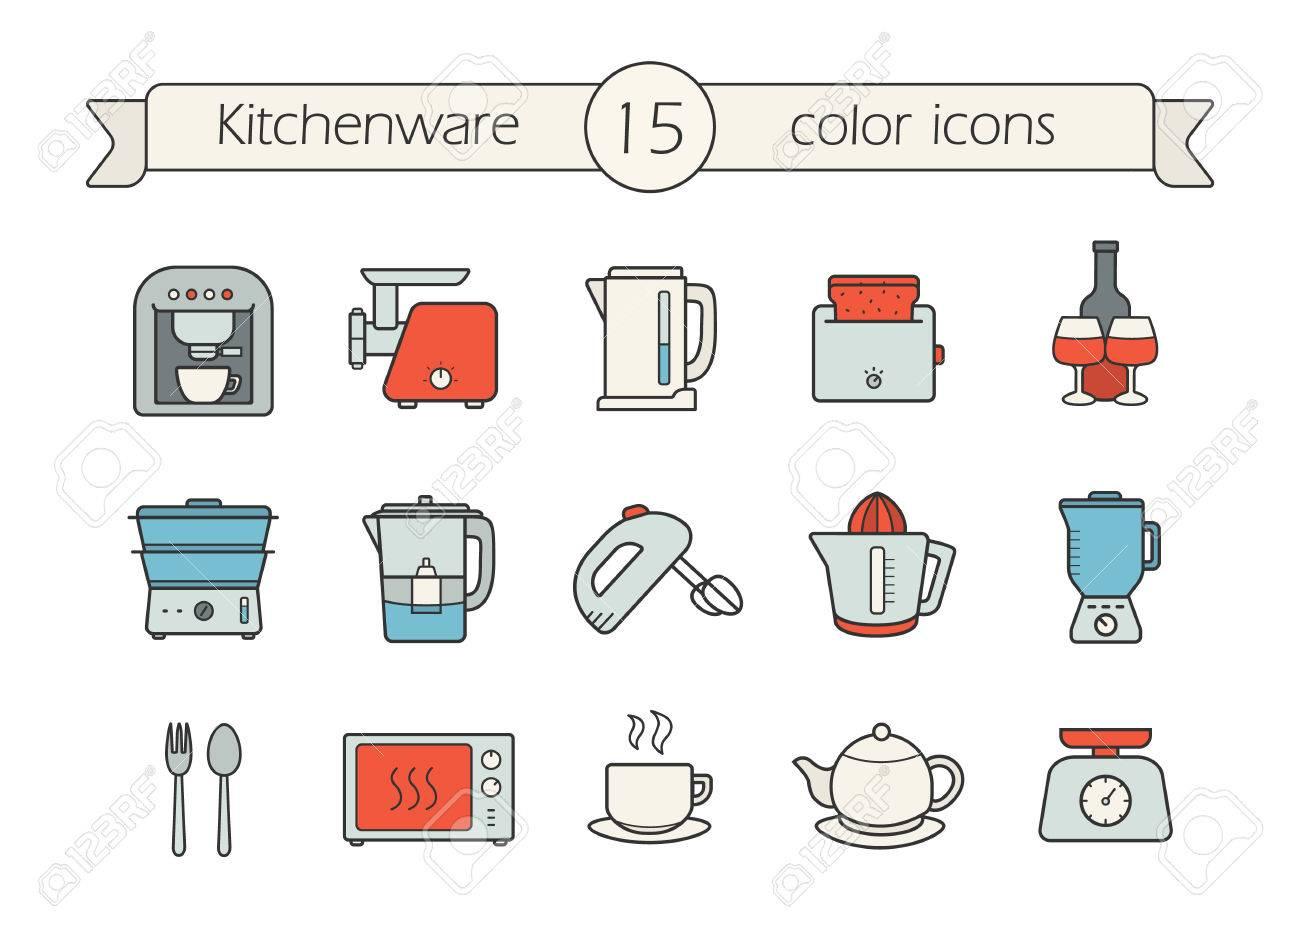 Küchen Farbe Symbole Gesetzt. CCffee Maschine, Elektrische Mincer ...